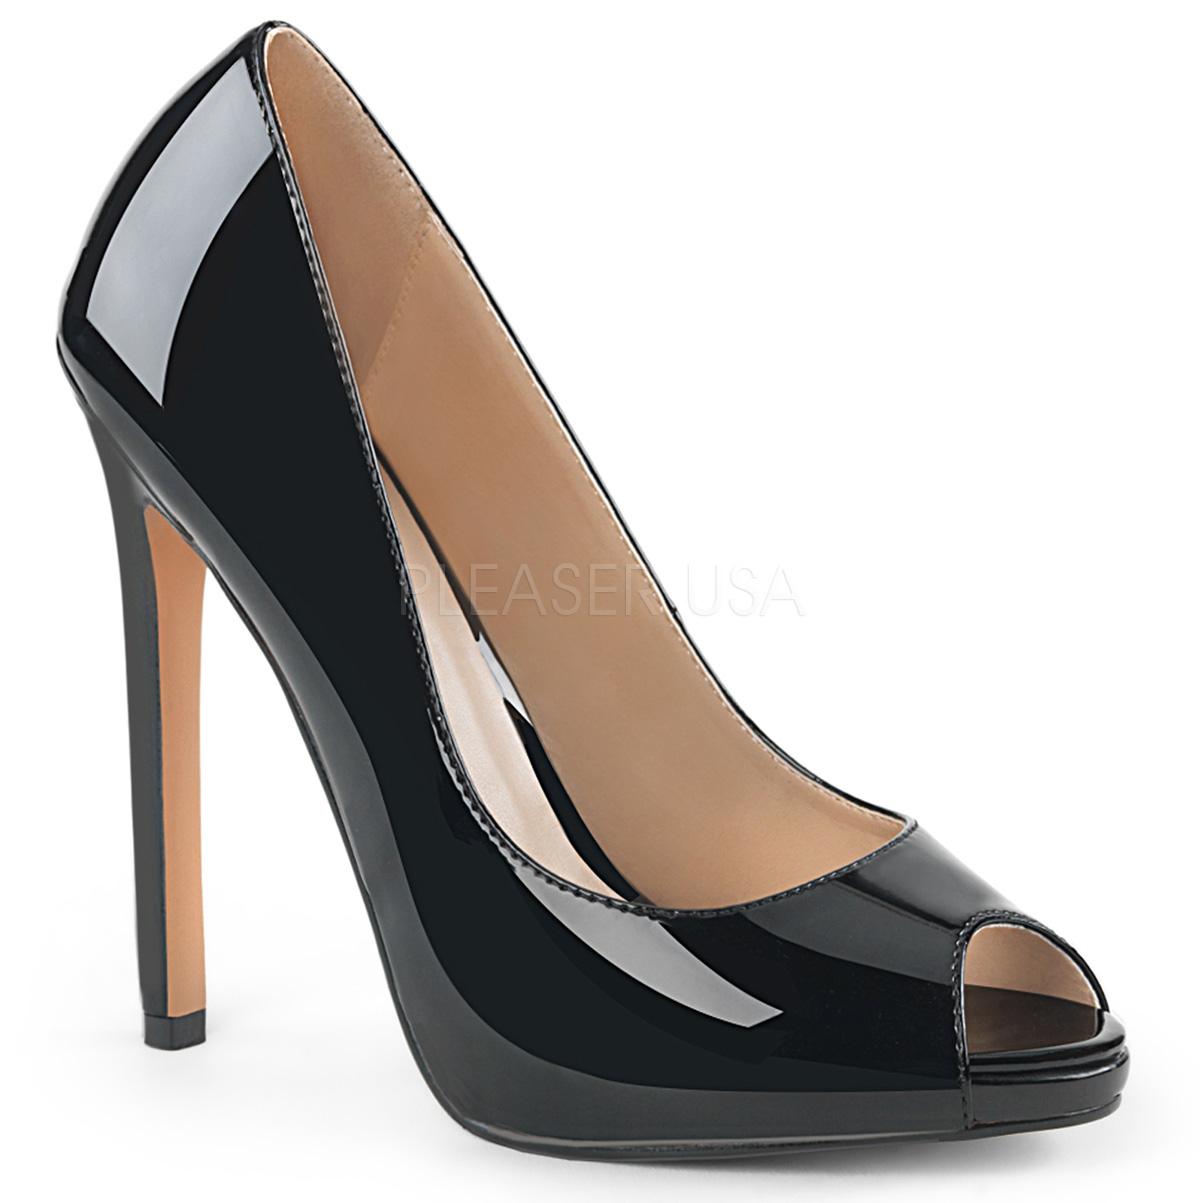 42 13 Sexy Chaussures Verni Cm Escarpins Classiques Noir shrdxQtC